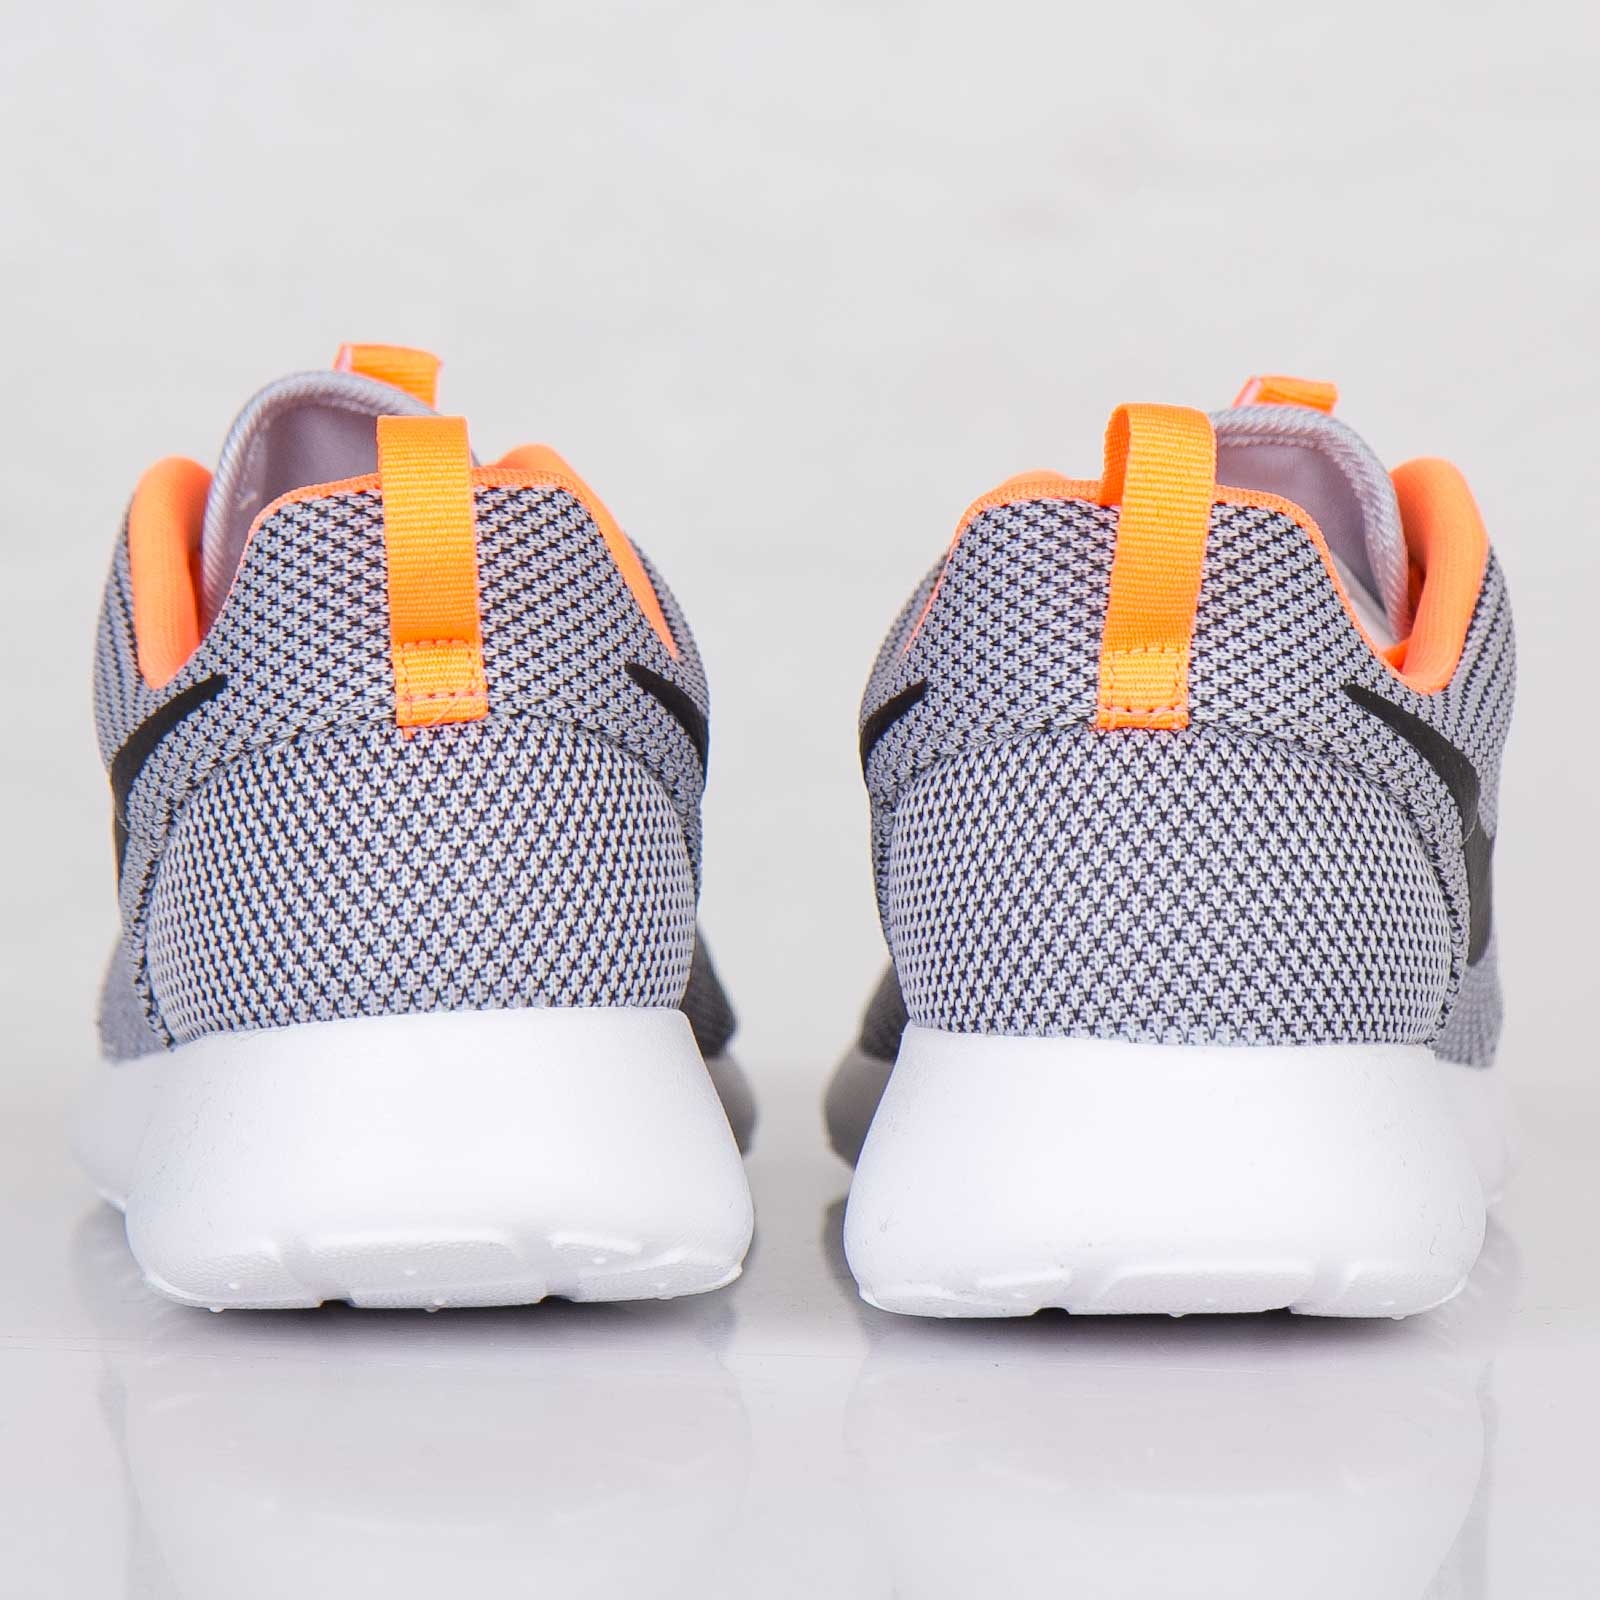 newest 9ba2a e3252 Nike Roshe Run - 511881-080 - Sneakersnstuff   sneakers   streetwear online  since 1999